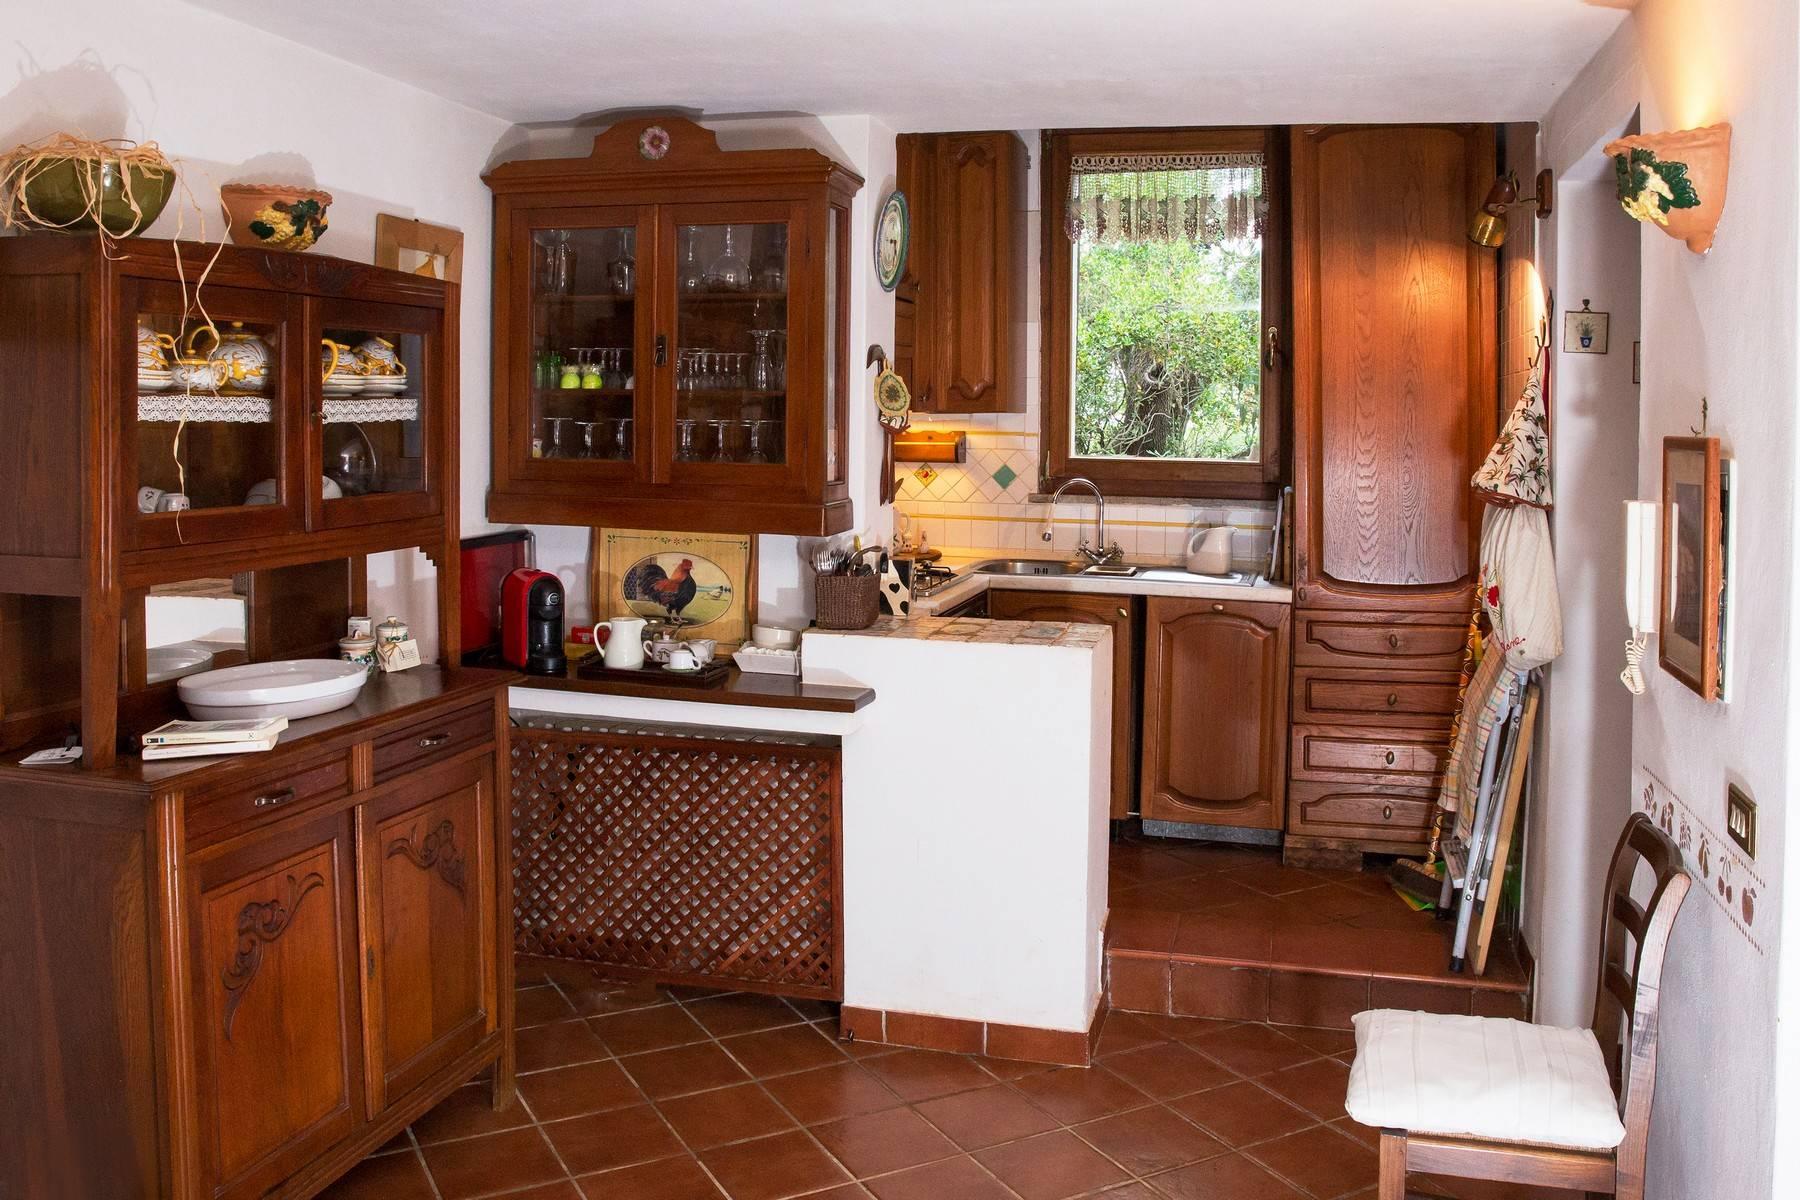 Rustico in Vendita a Capalbio: 5 locali, 170 mq - Foto 18